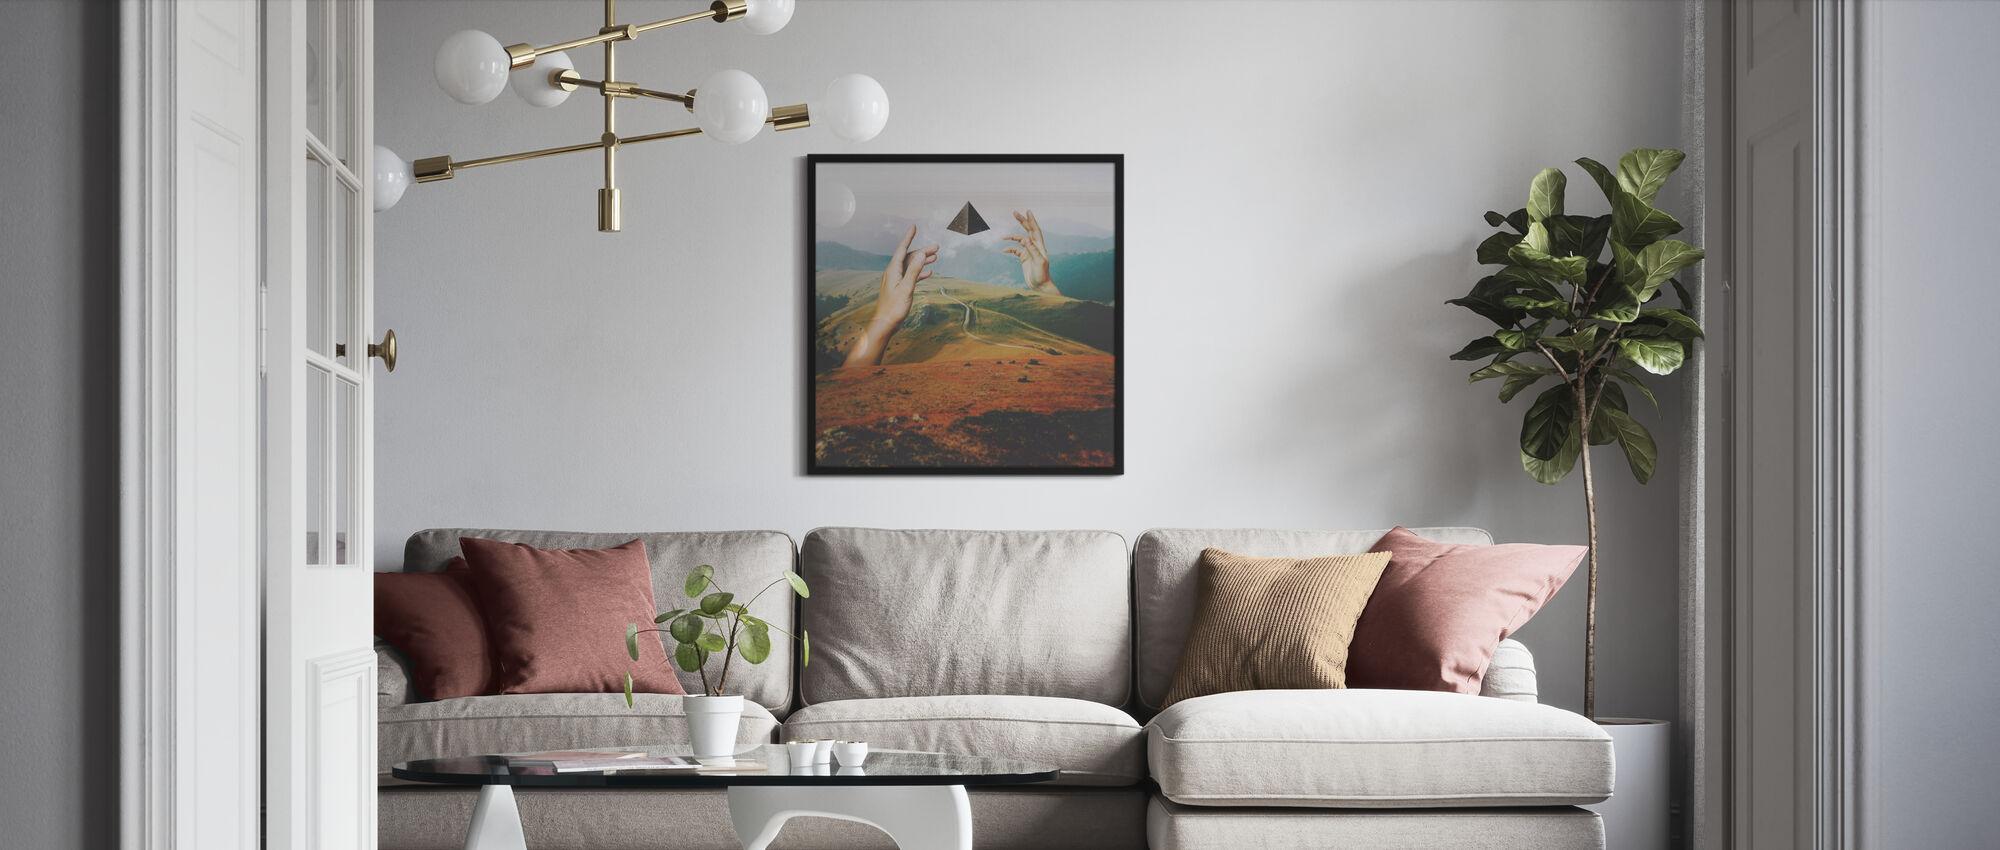 Portal - Poster - Wohnzimmer